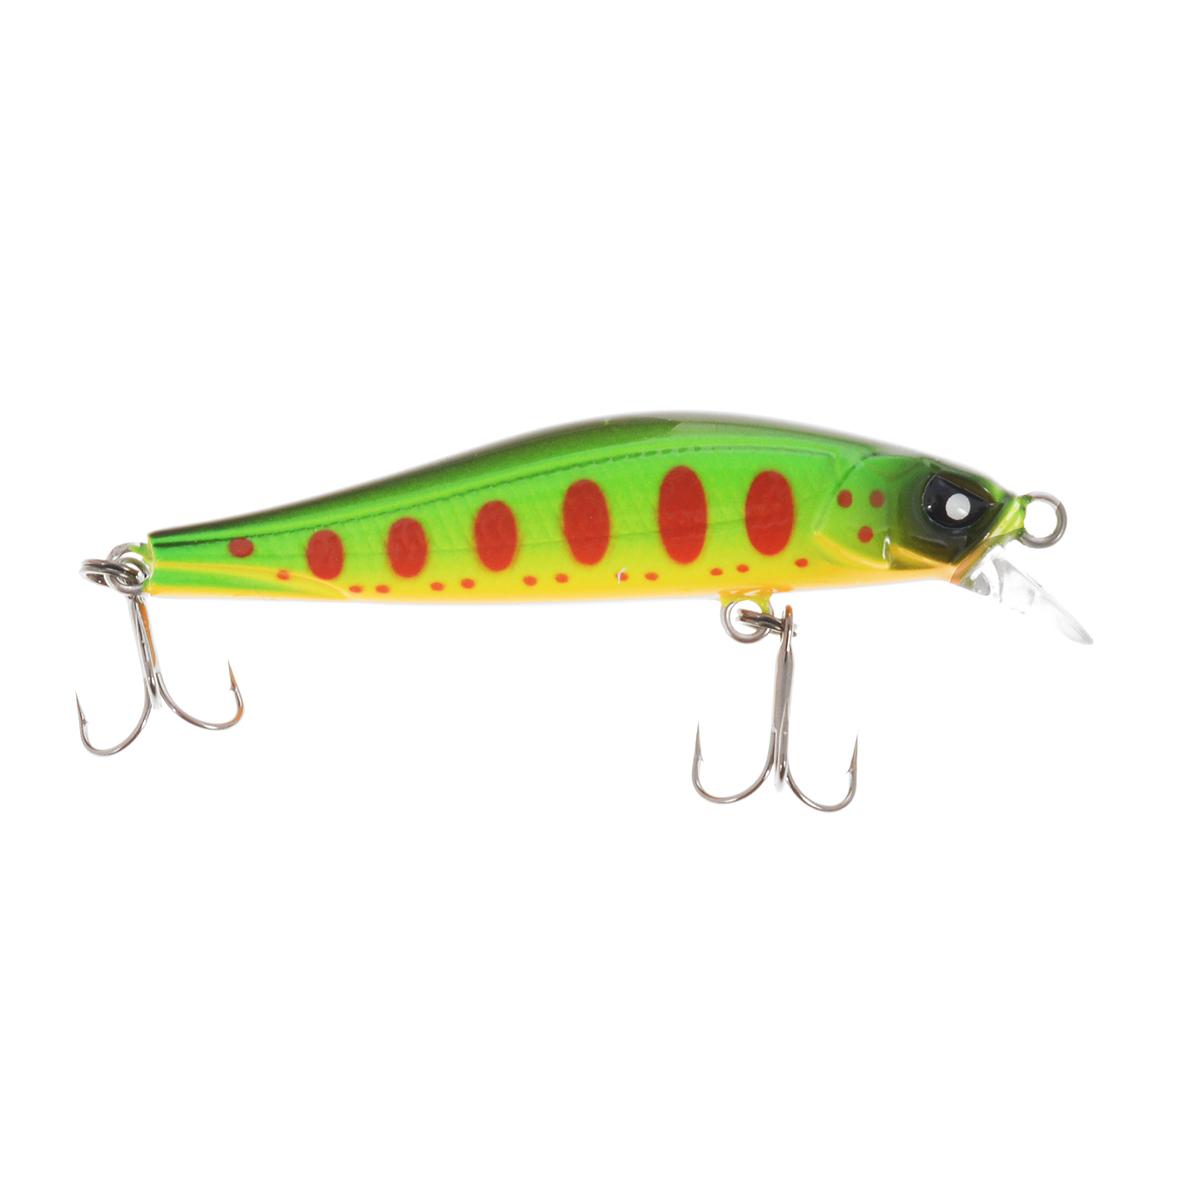 Воблер плавающий Lucky John Basara, цвет: зеленый, красный, оранжевый, 5,6 см, 3 г